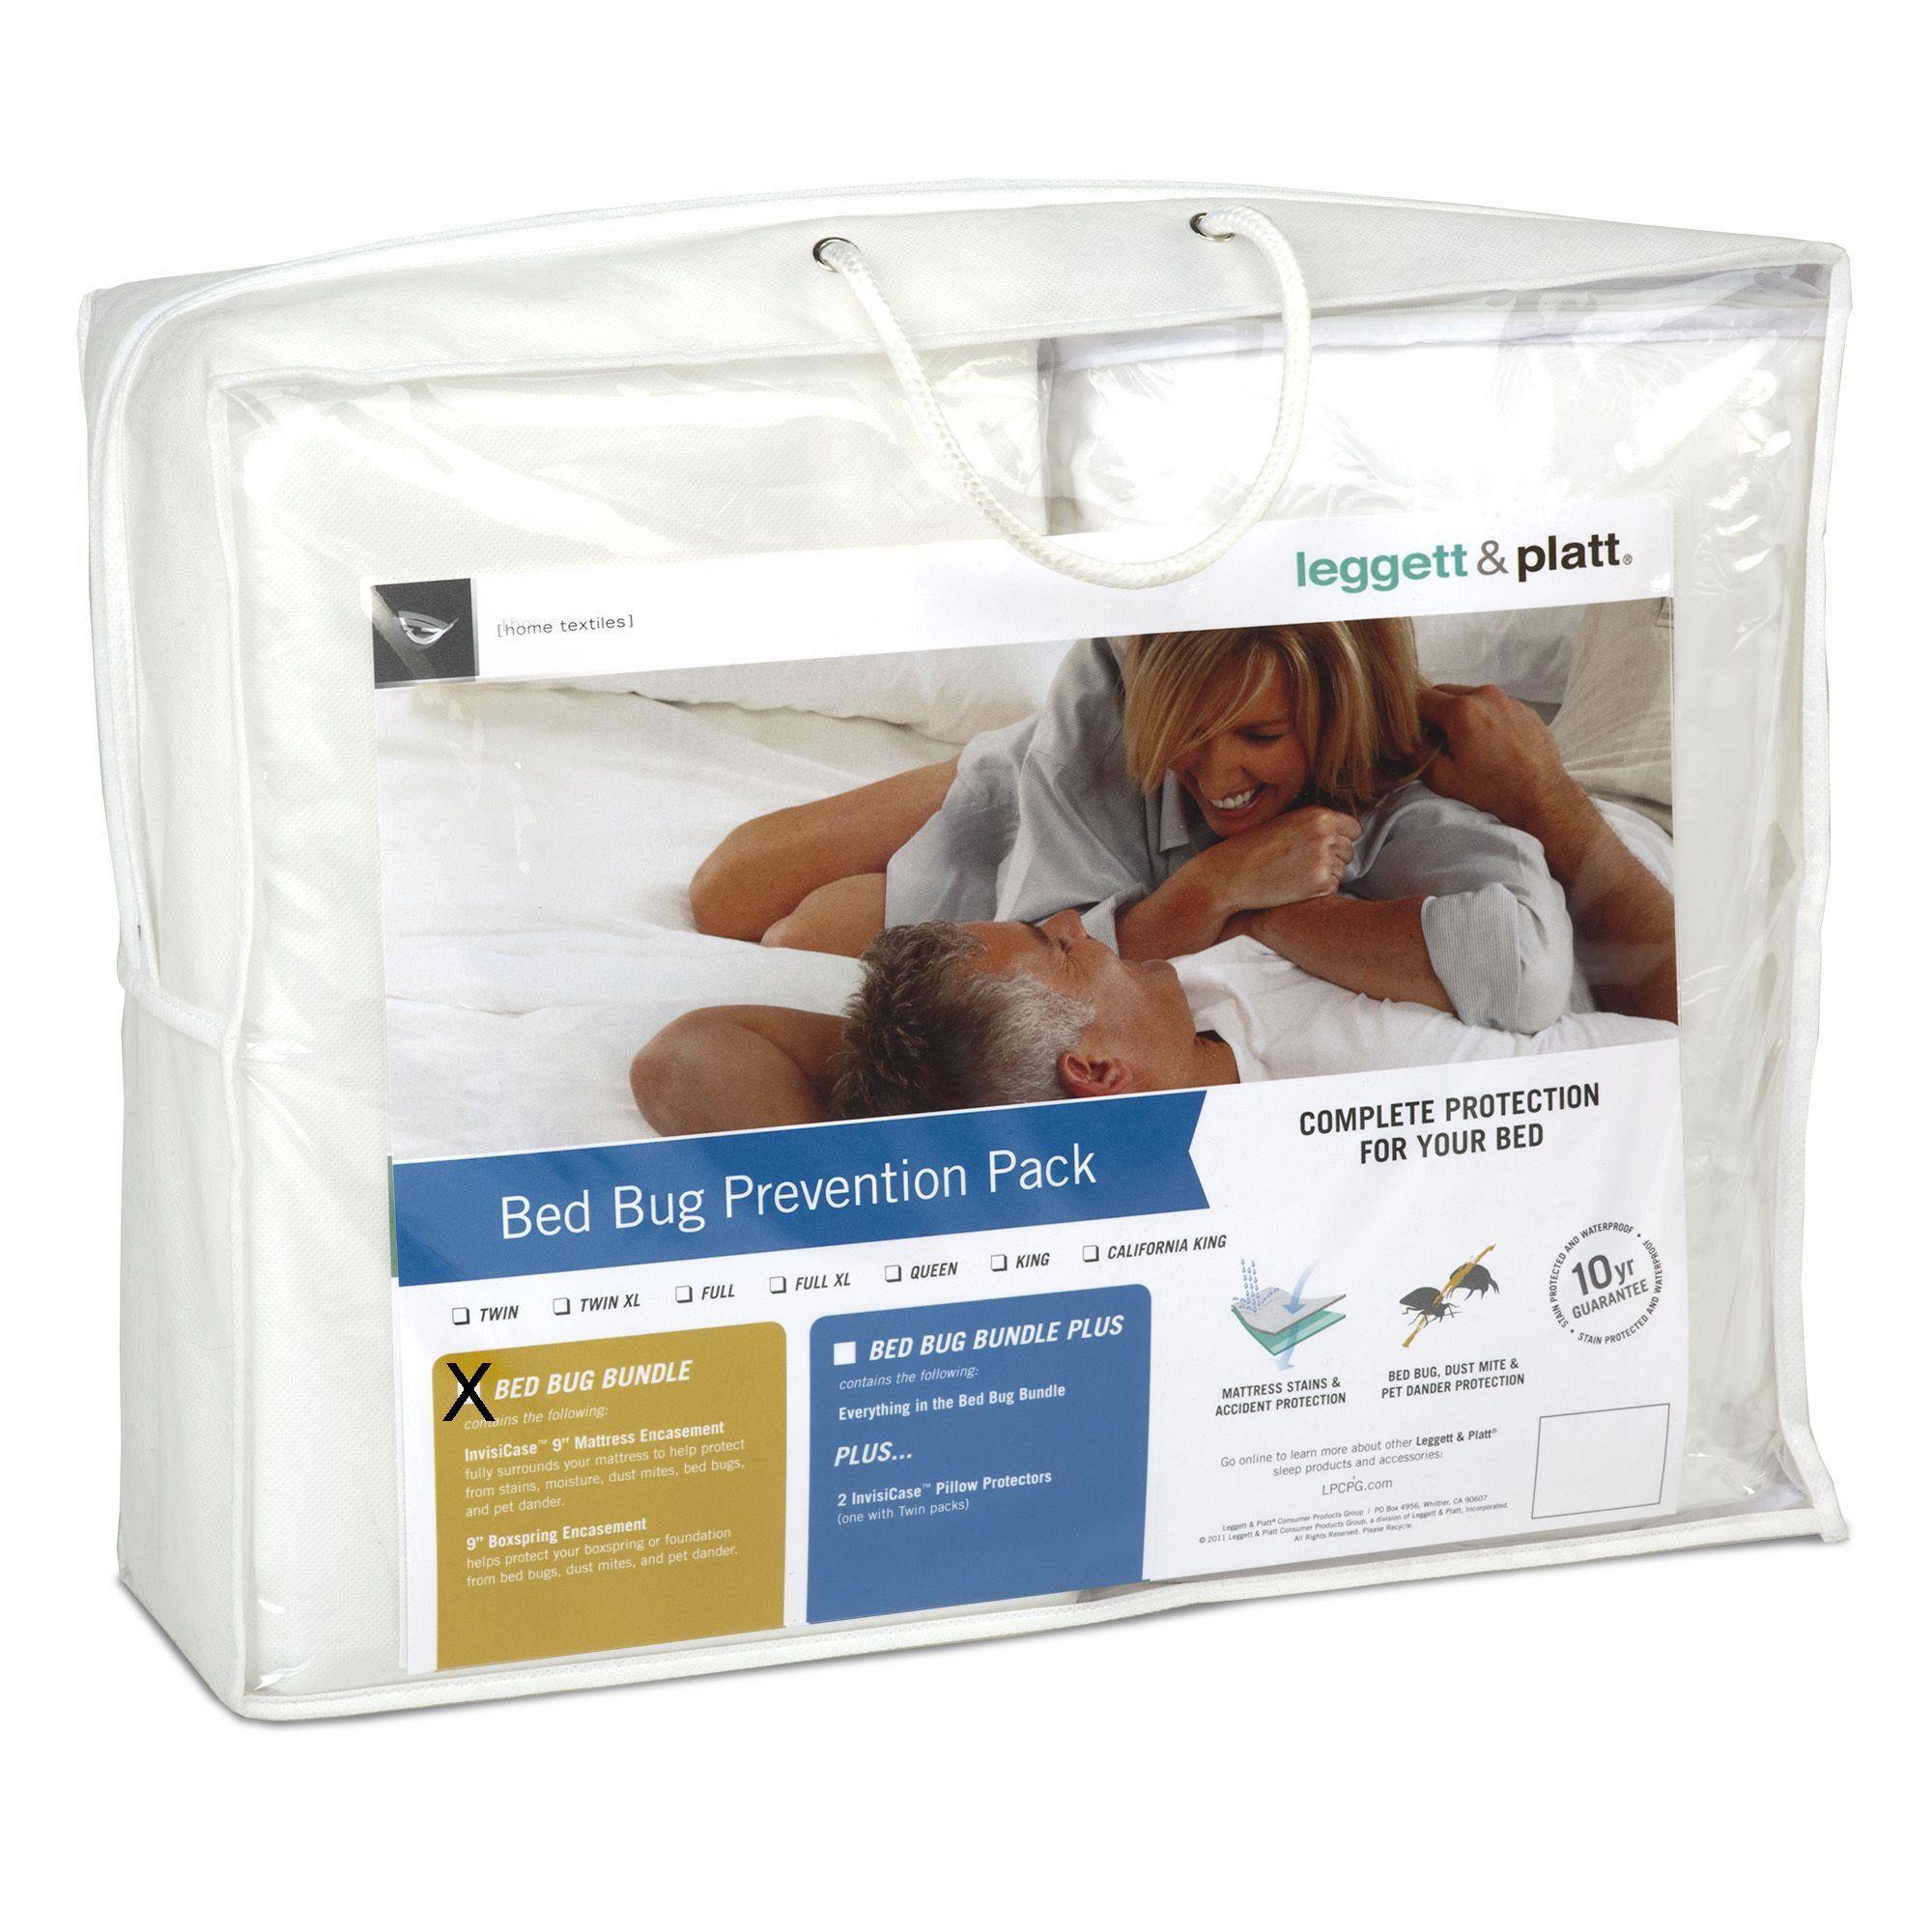 Leggett & Platt Bed Bug Prevention Pack with InvisiCase 9